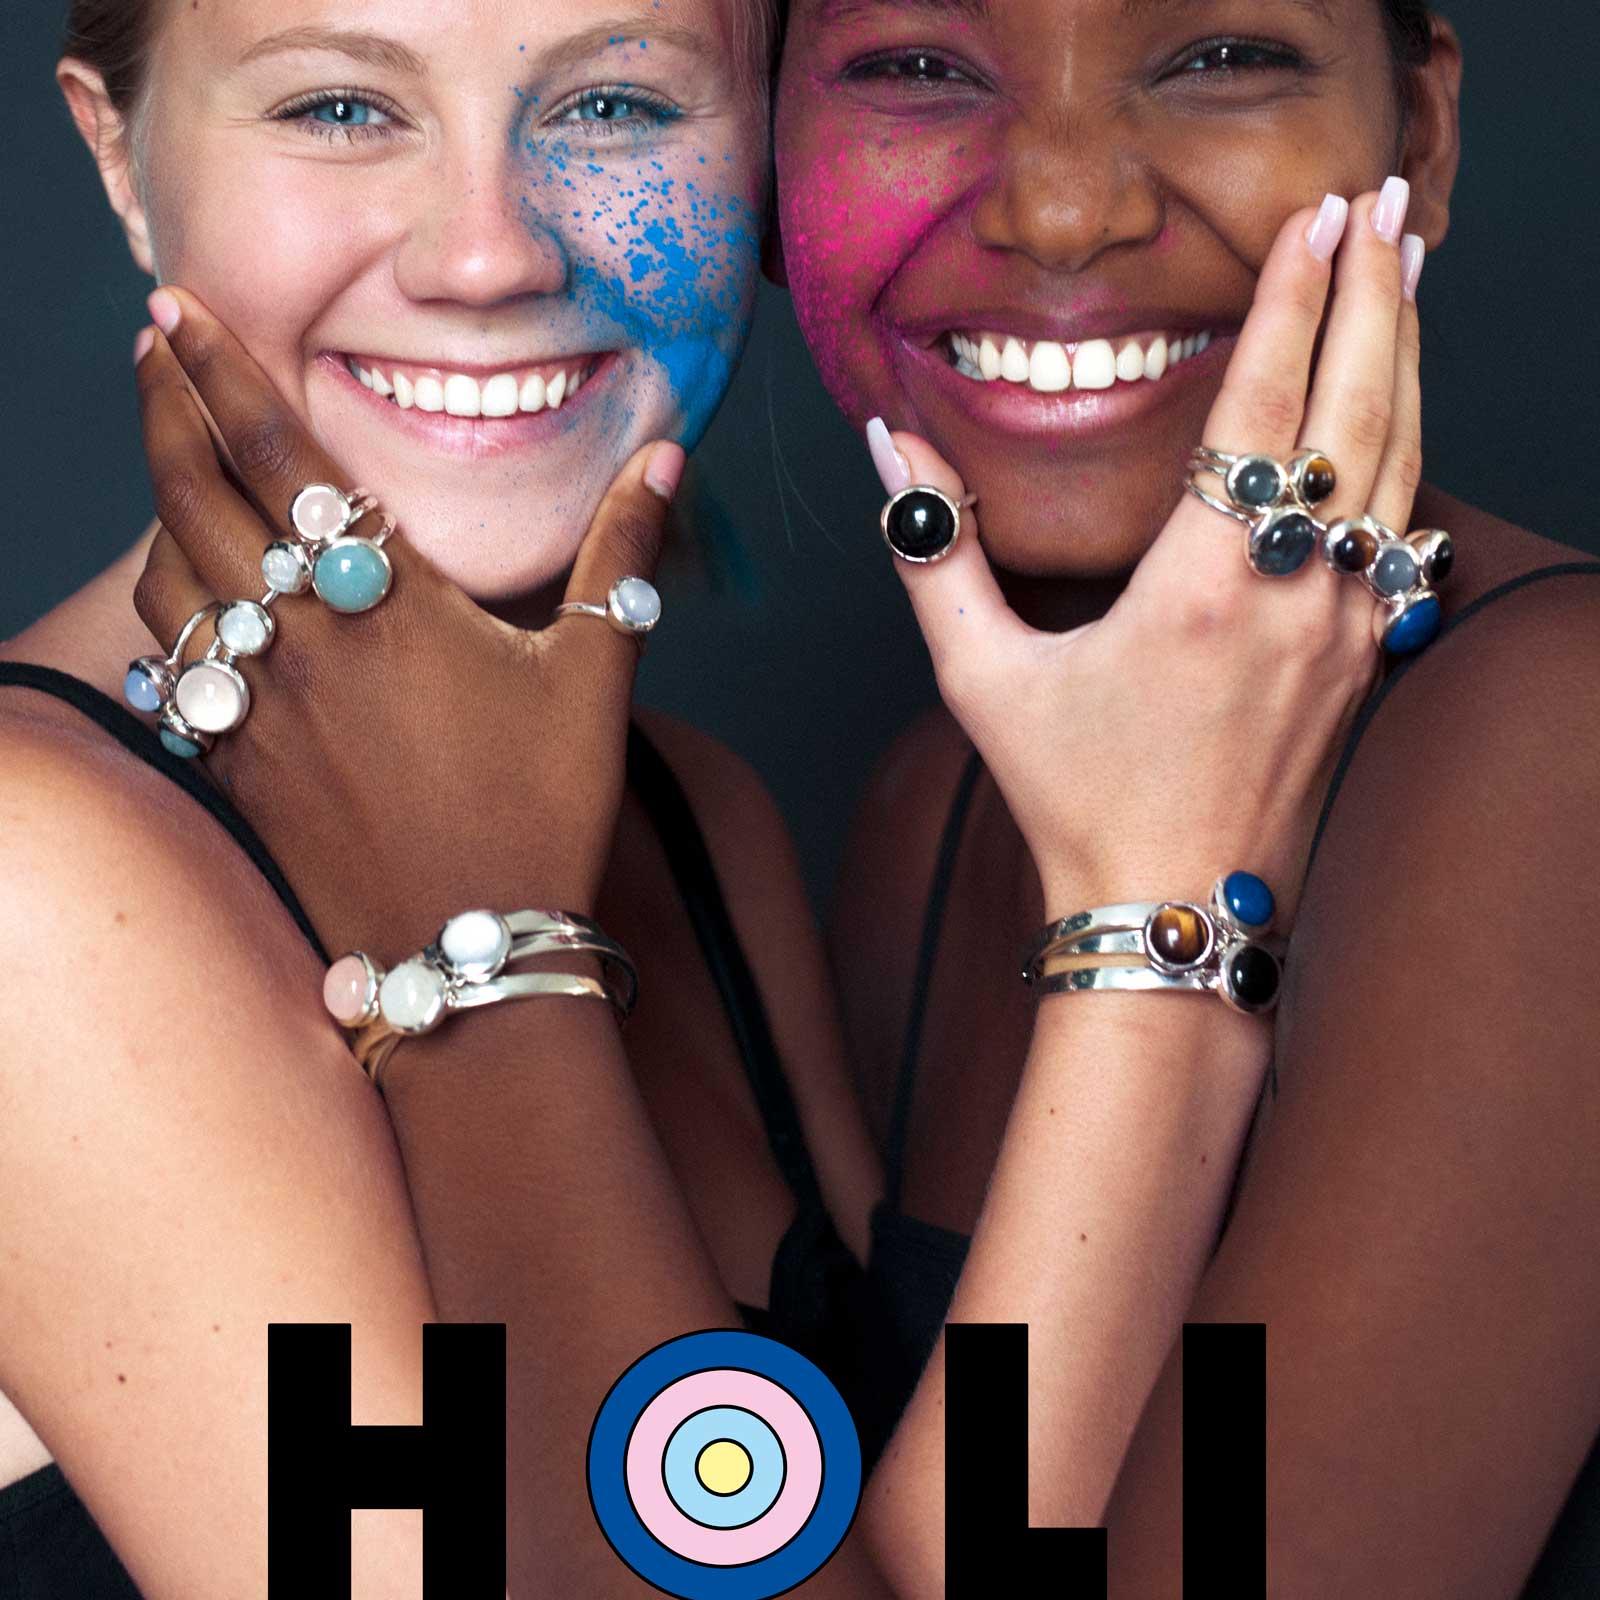 Två kninnor med massor med ringar i olika stenar och färger. Women with many rings in various colours and stones.